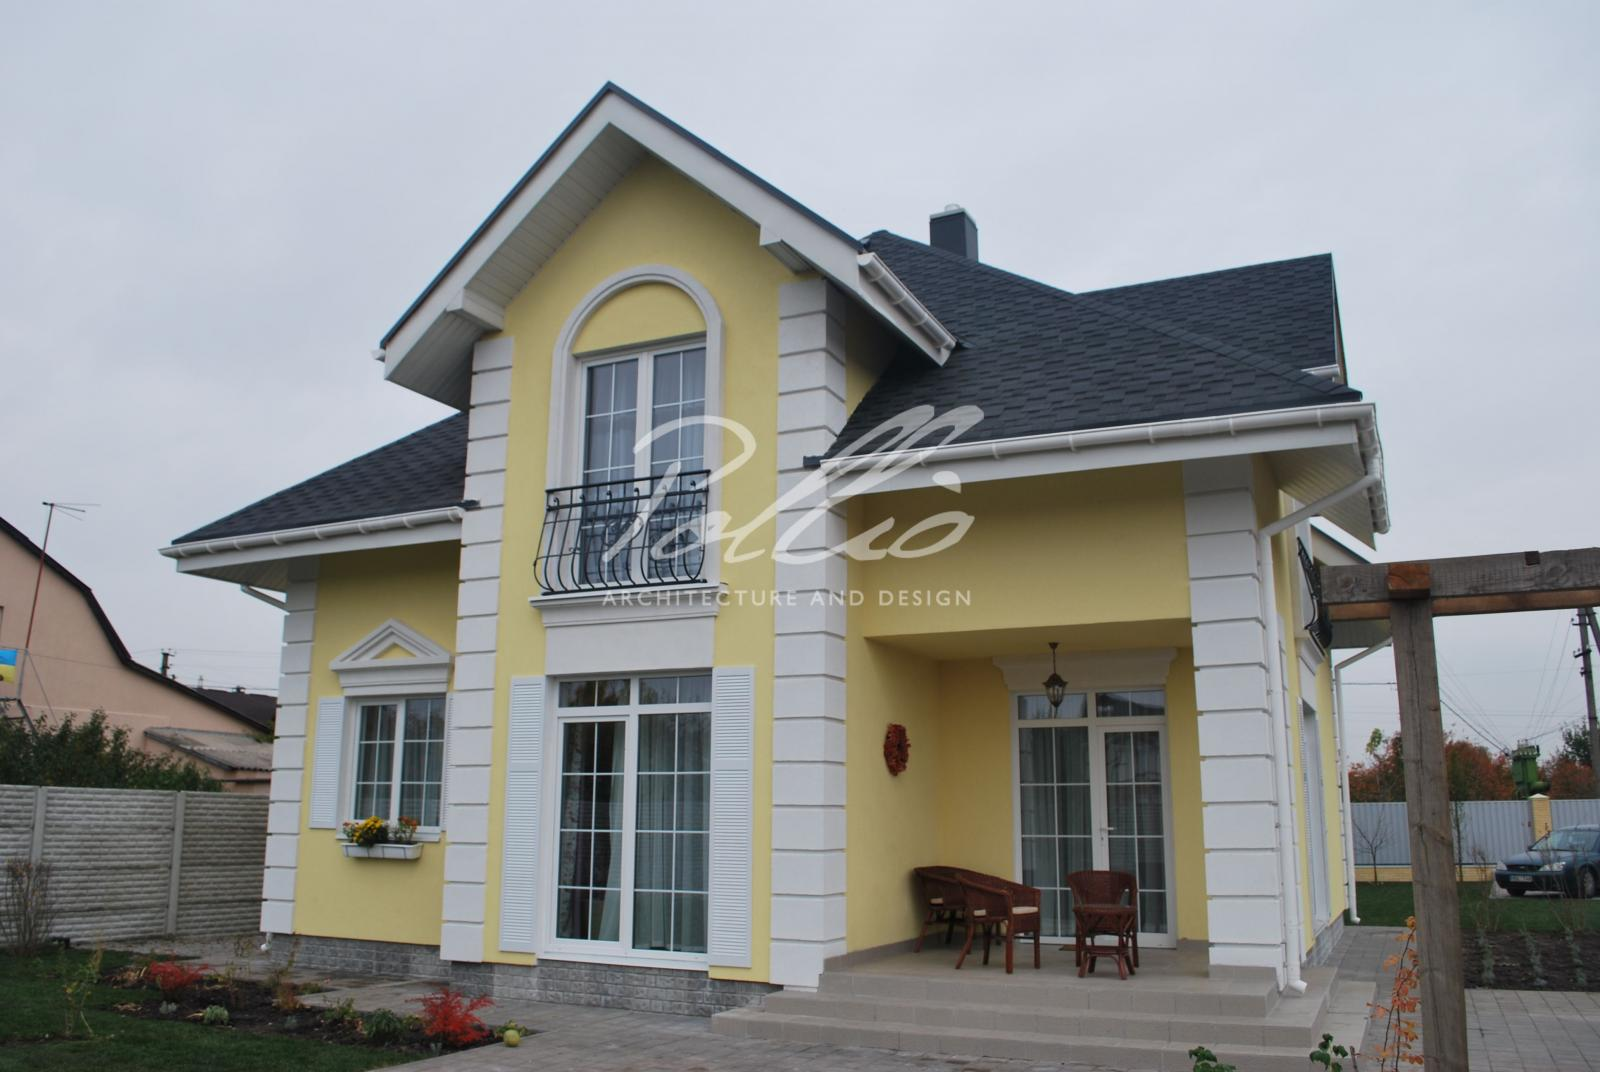 X2a Классический проект мансардного дома в стиле Прованс фото 4